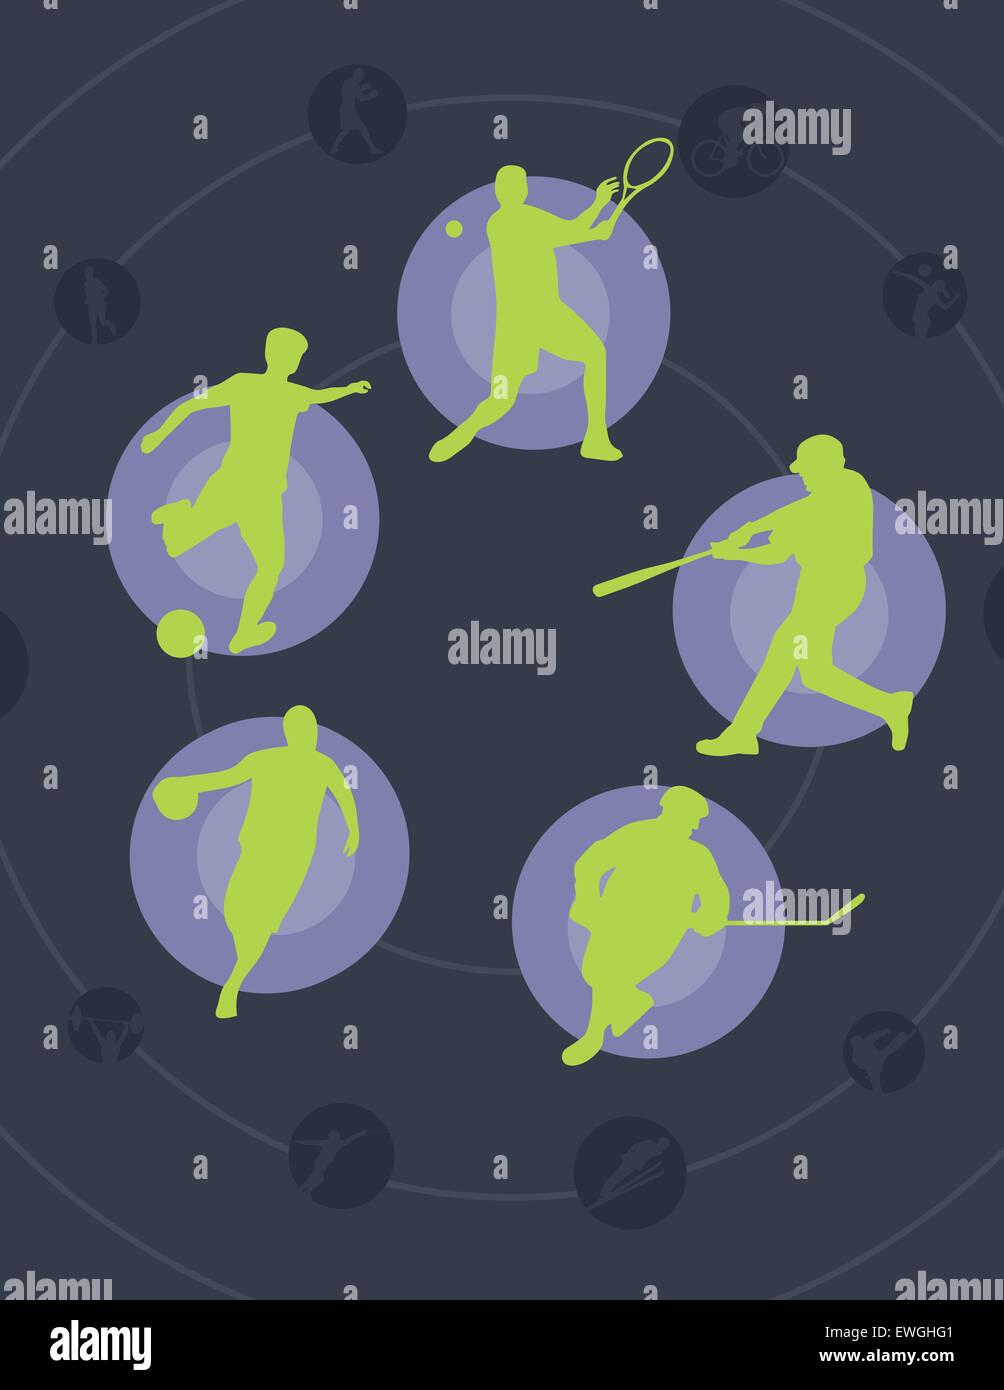 Ilustración imagen de hombres juegan a la pelota universal Imagen De Stock